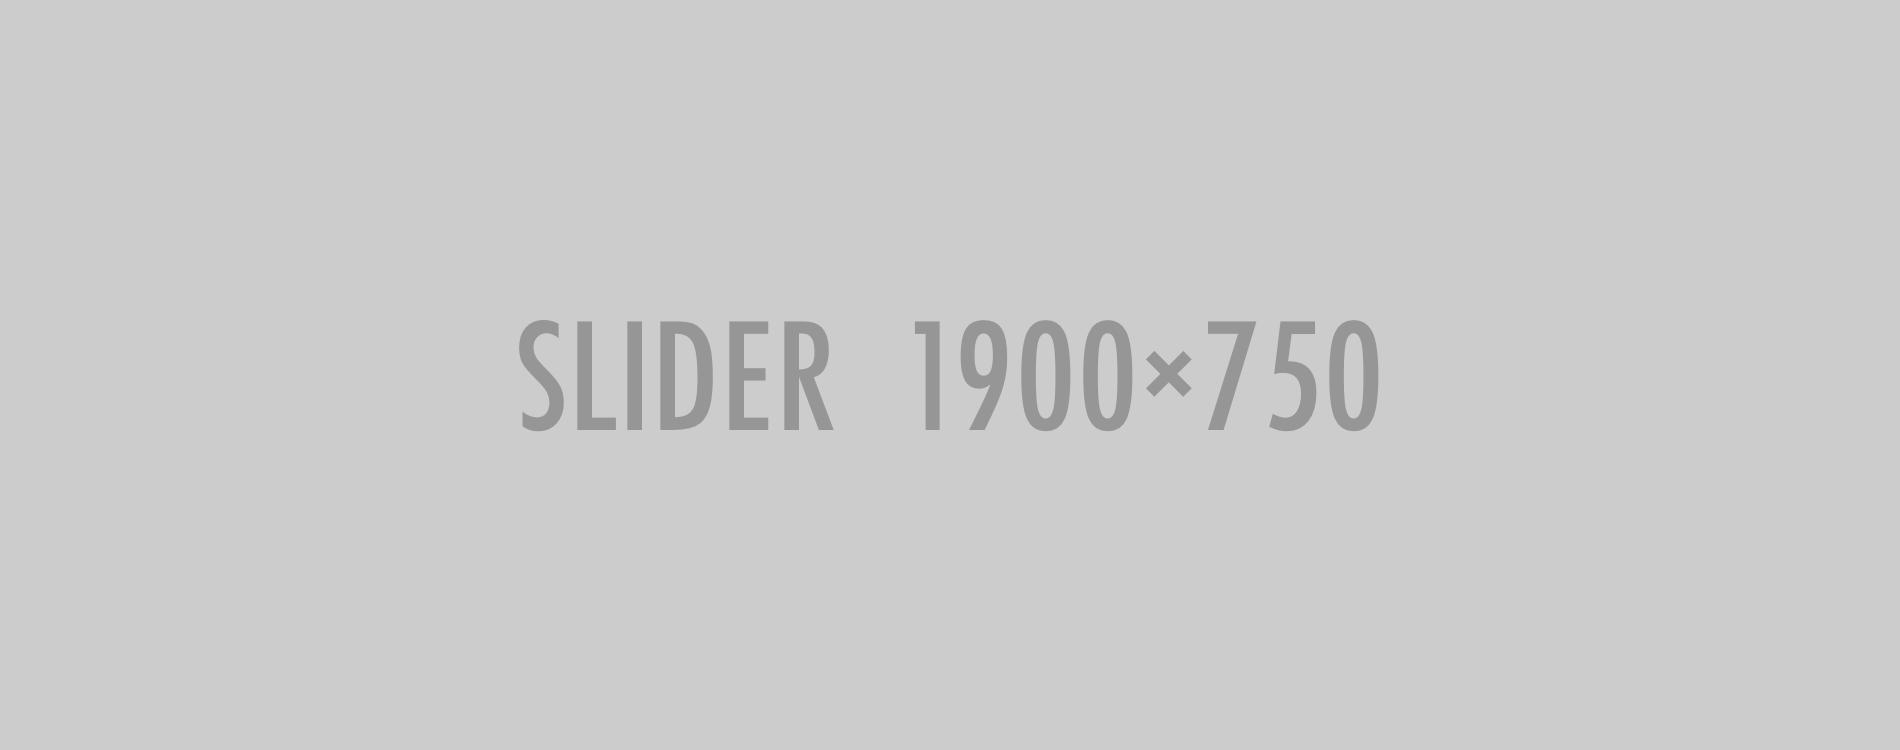 slider-1900×750.png